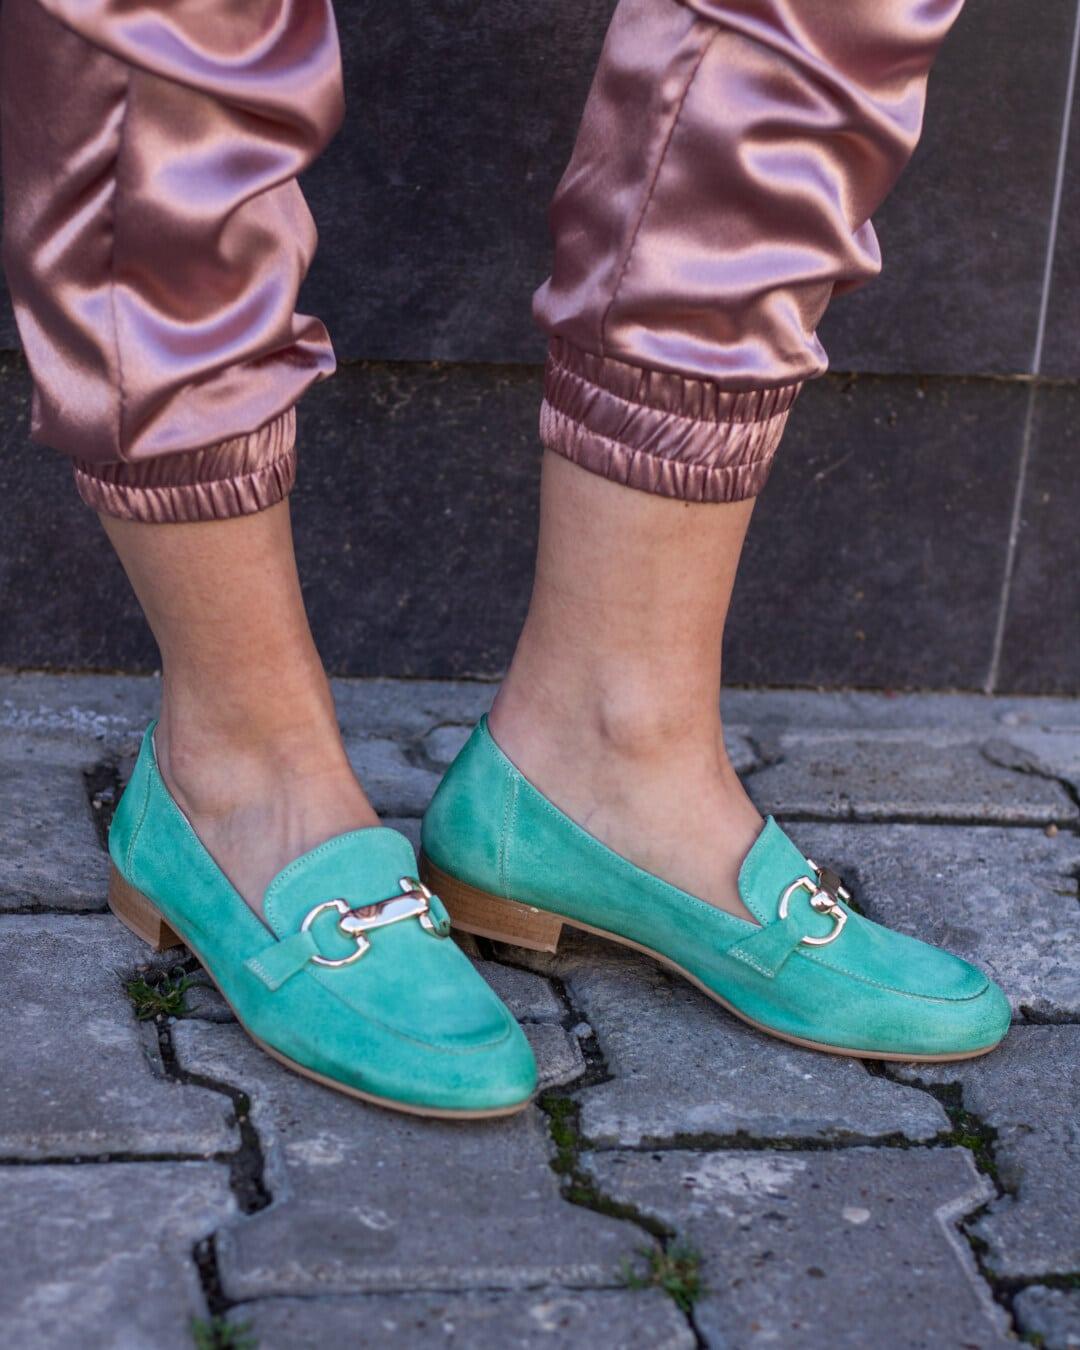 en cuir, chaussures, vert, jambes, jeune fille, chaussures, sandale, mode, femme, chaussure